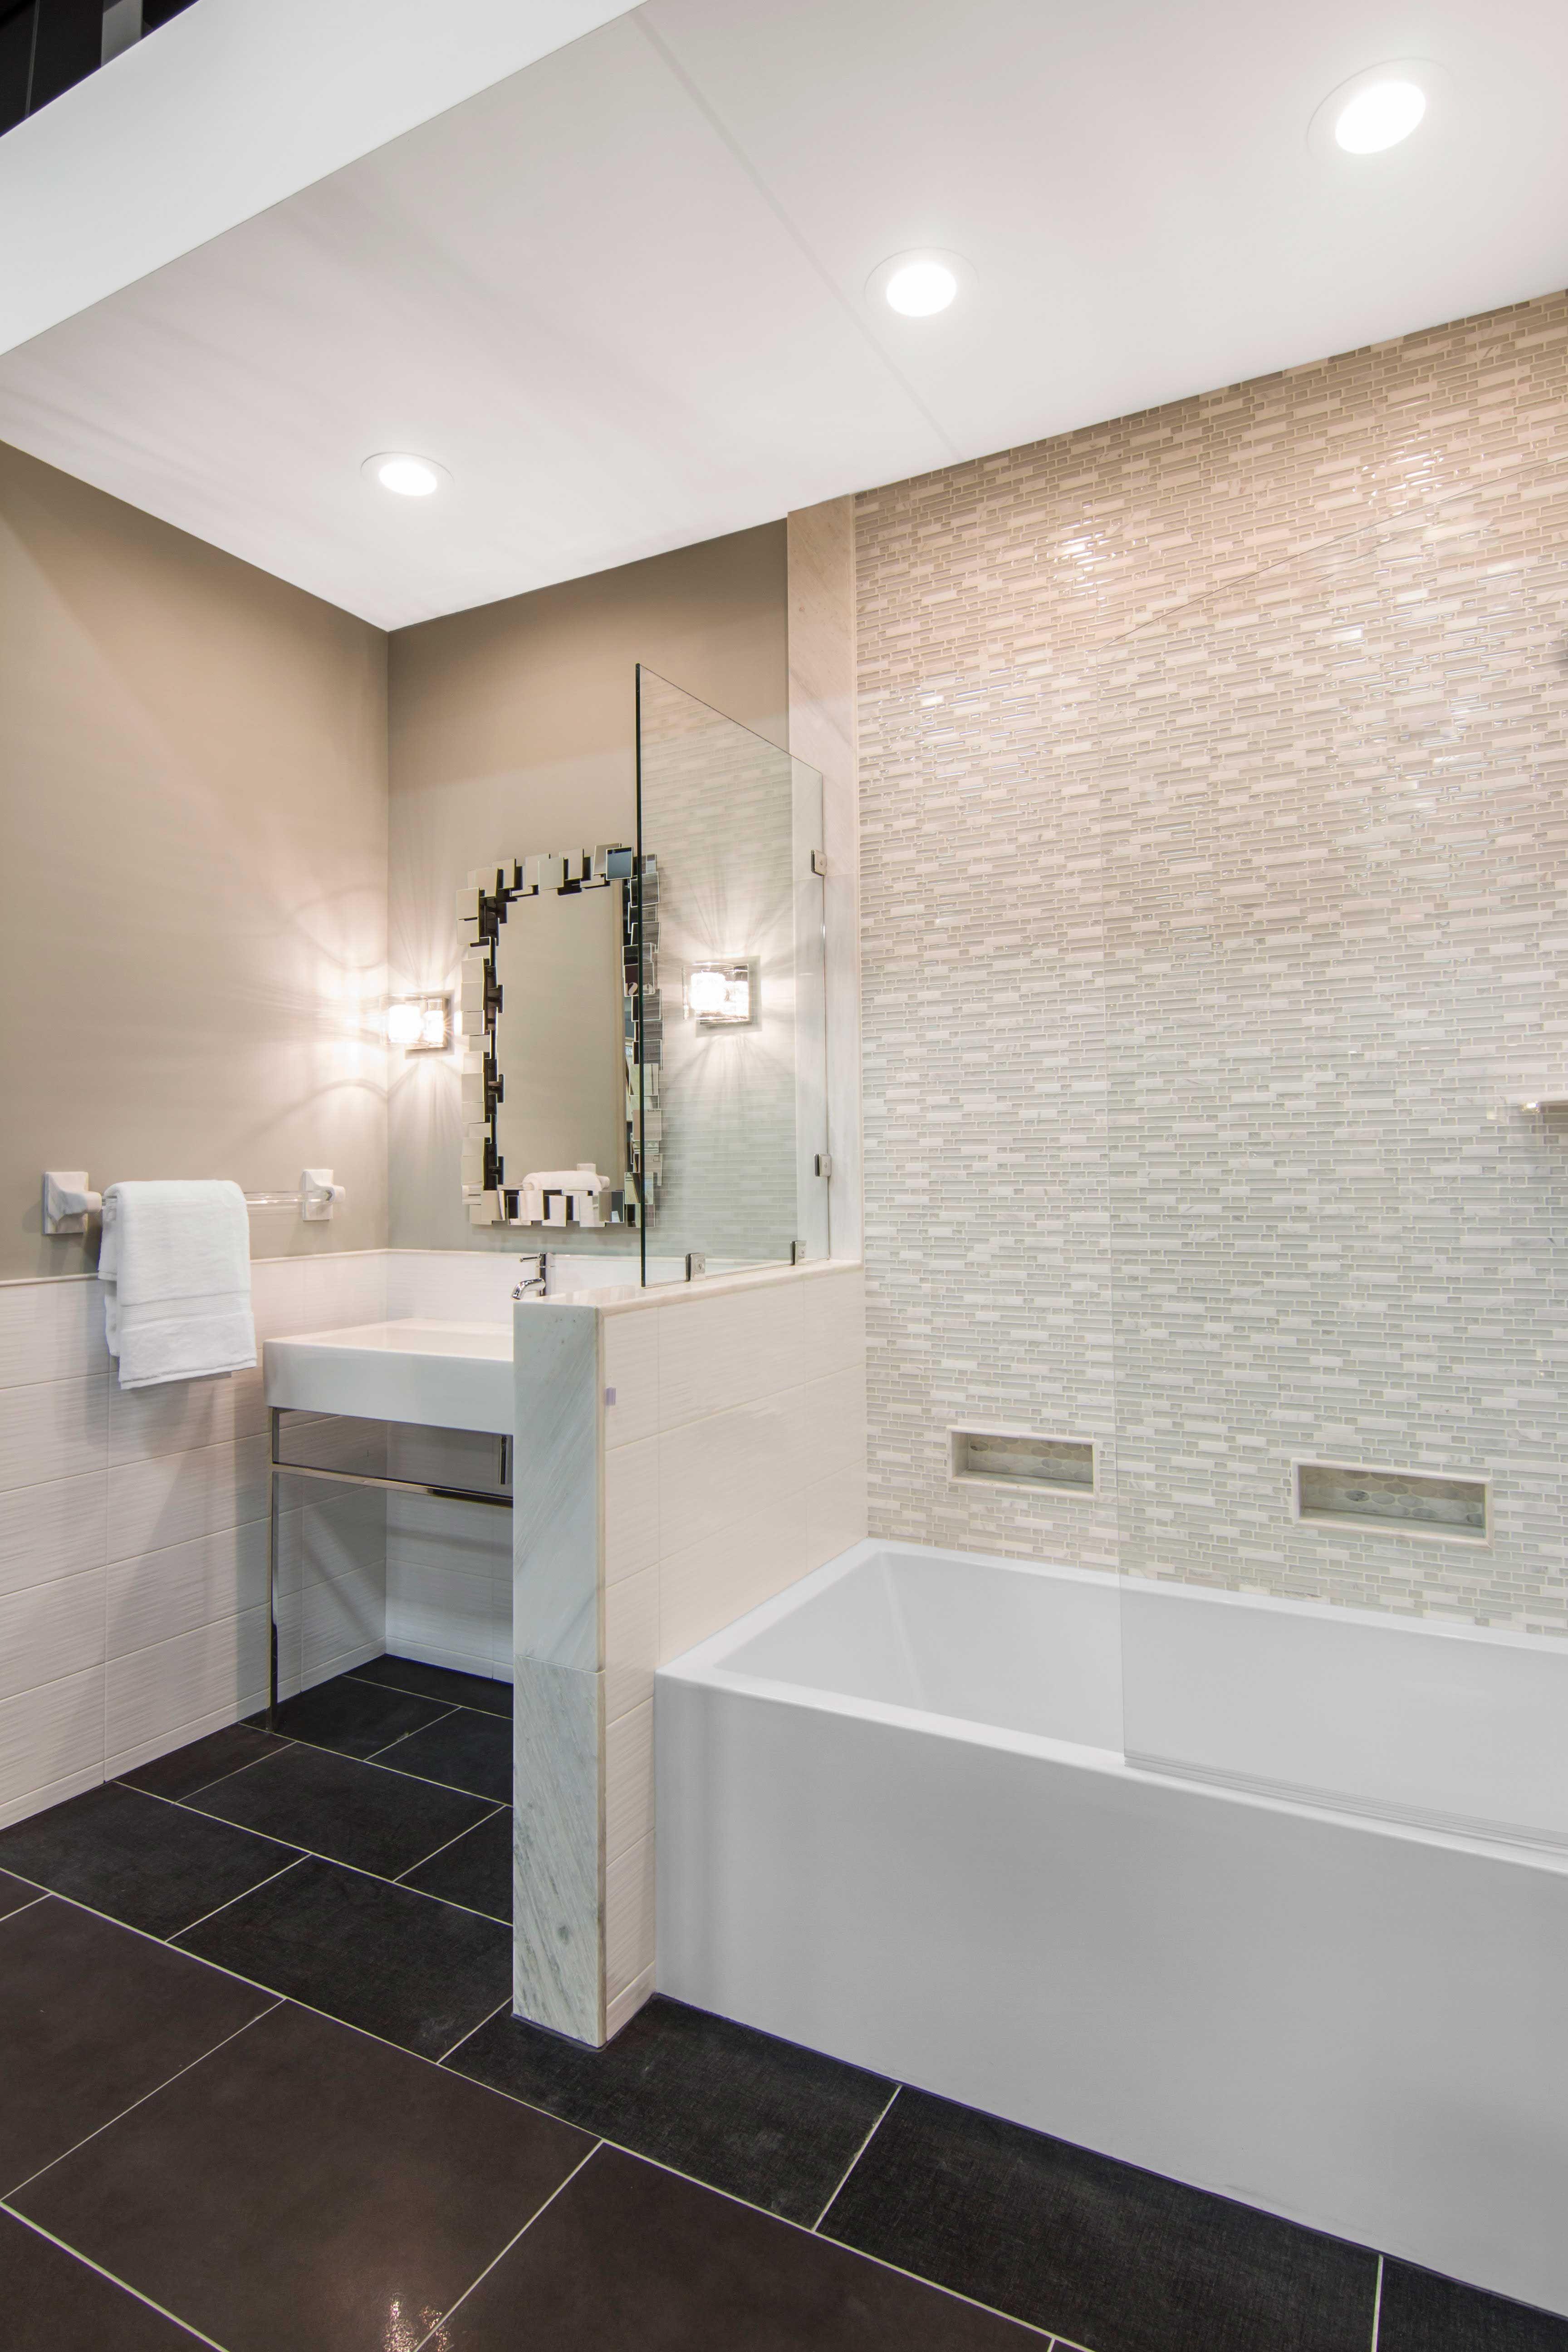 White bathroom wall tile Snow Stria with Glass Stone Mosaic Tile